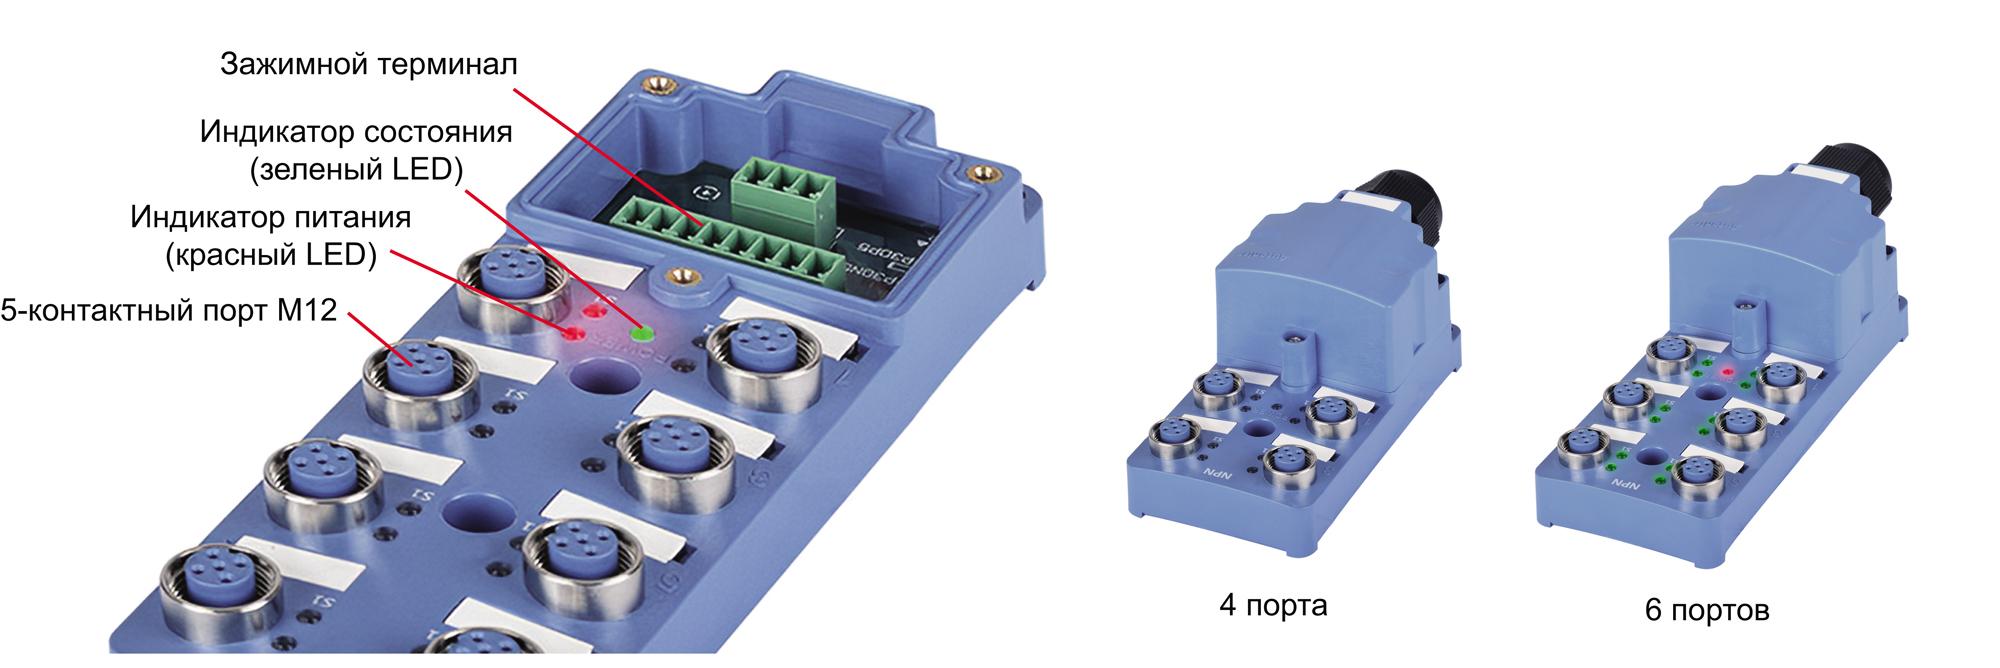 Распределительная коробка серии PT-S с 5-пиновыми разъемами M12 с пружинными терминалами (зажимное подключение)